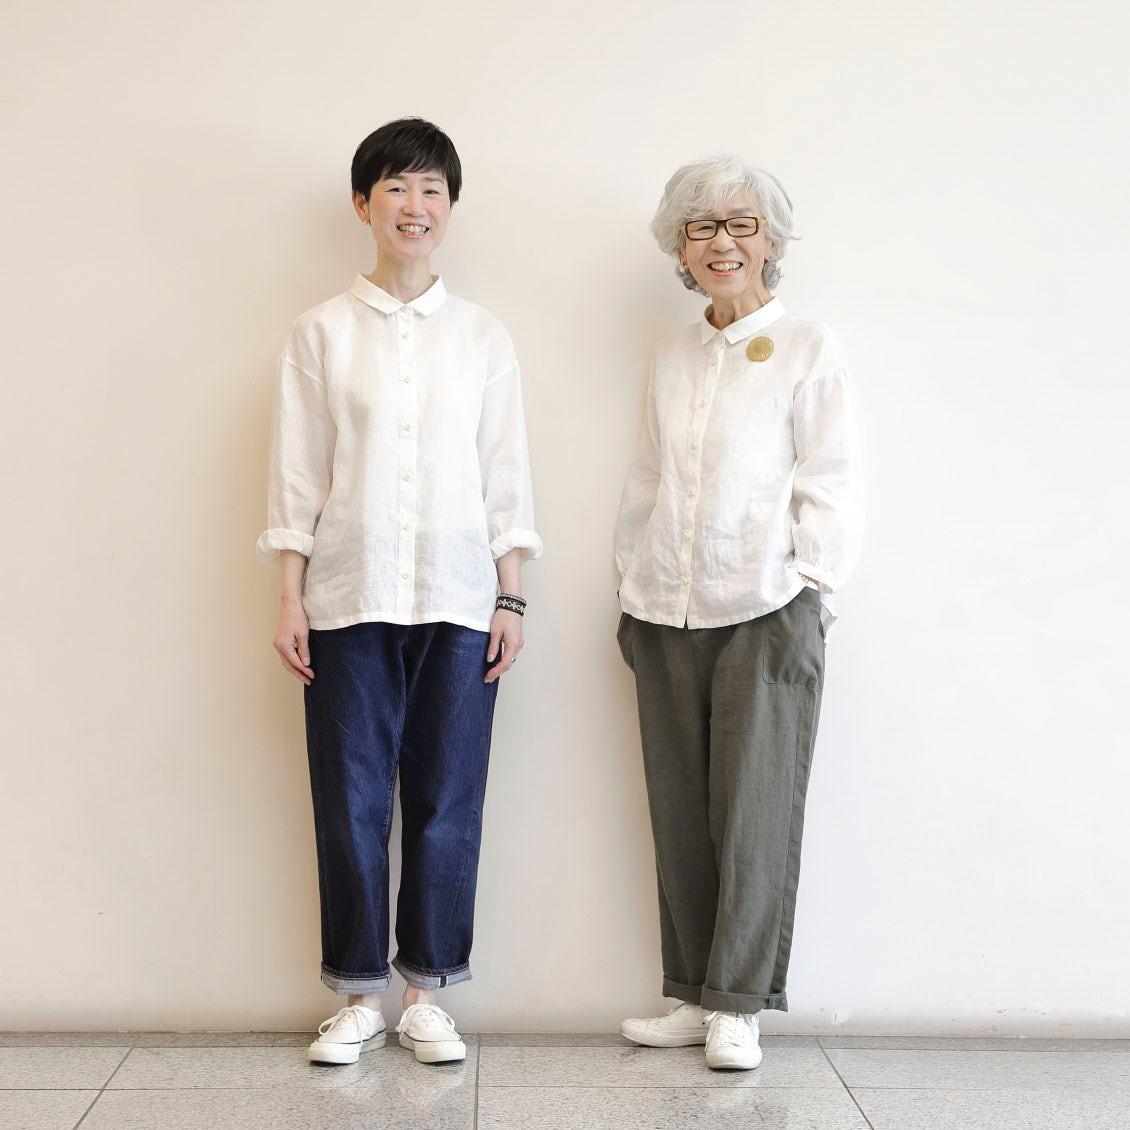 【これからのおしゃれ】歳を重ねても「カジュアル」を楽しむ。パーマネントエイジ・林多佳子さんに聞く、着こなしのヒント